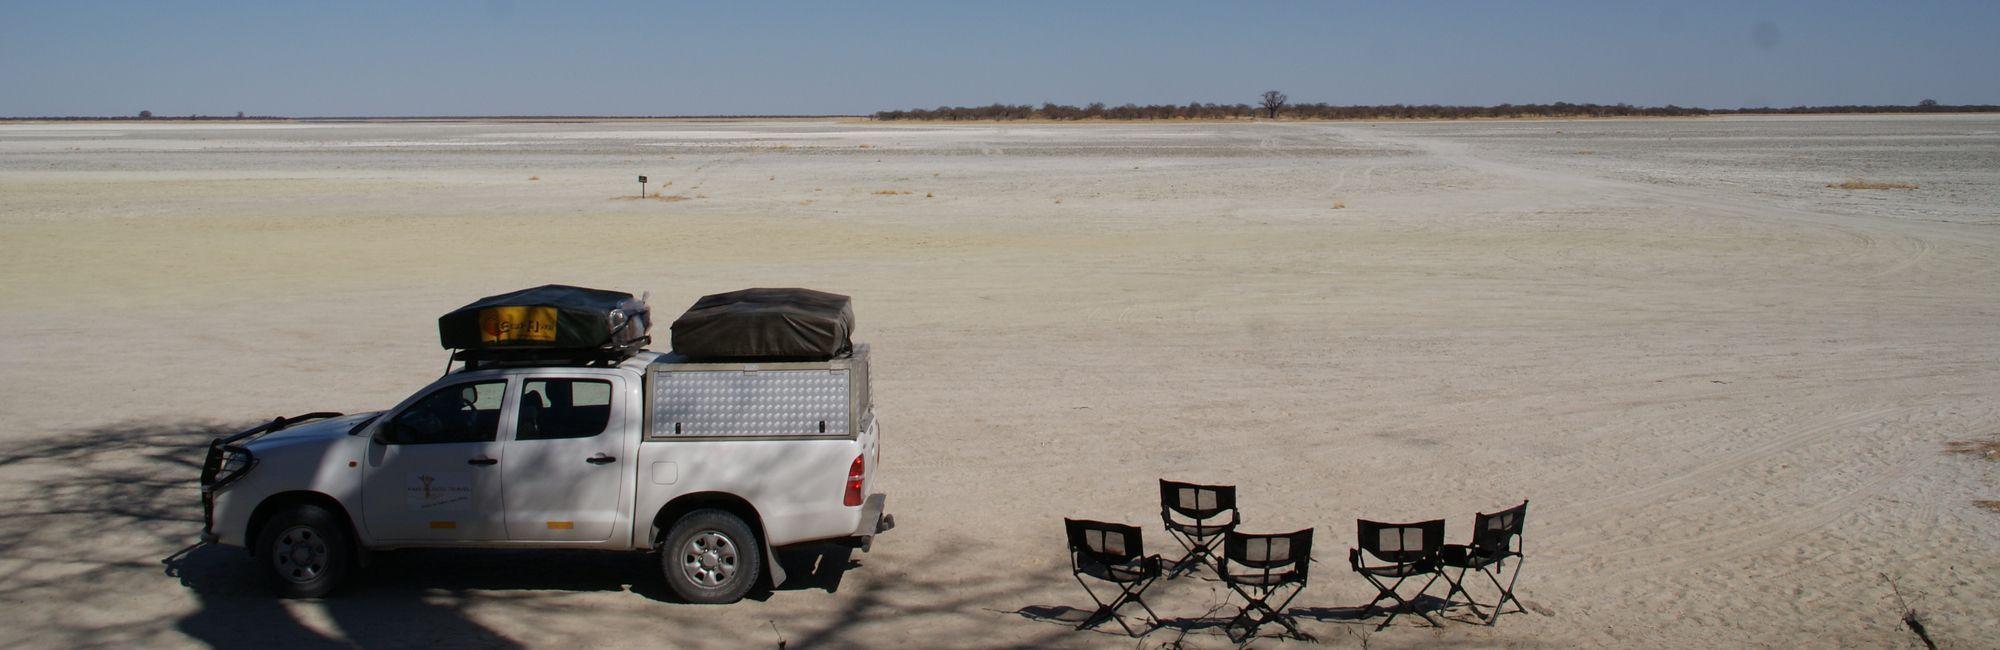 Botswana zoutpan